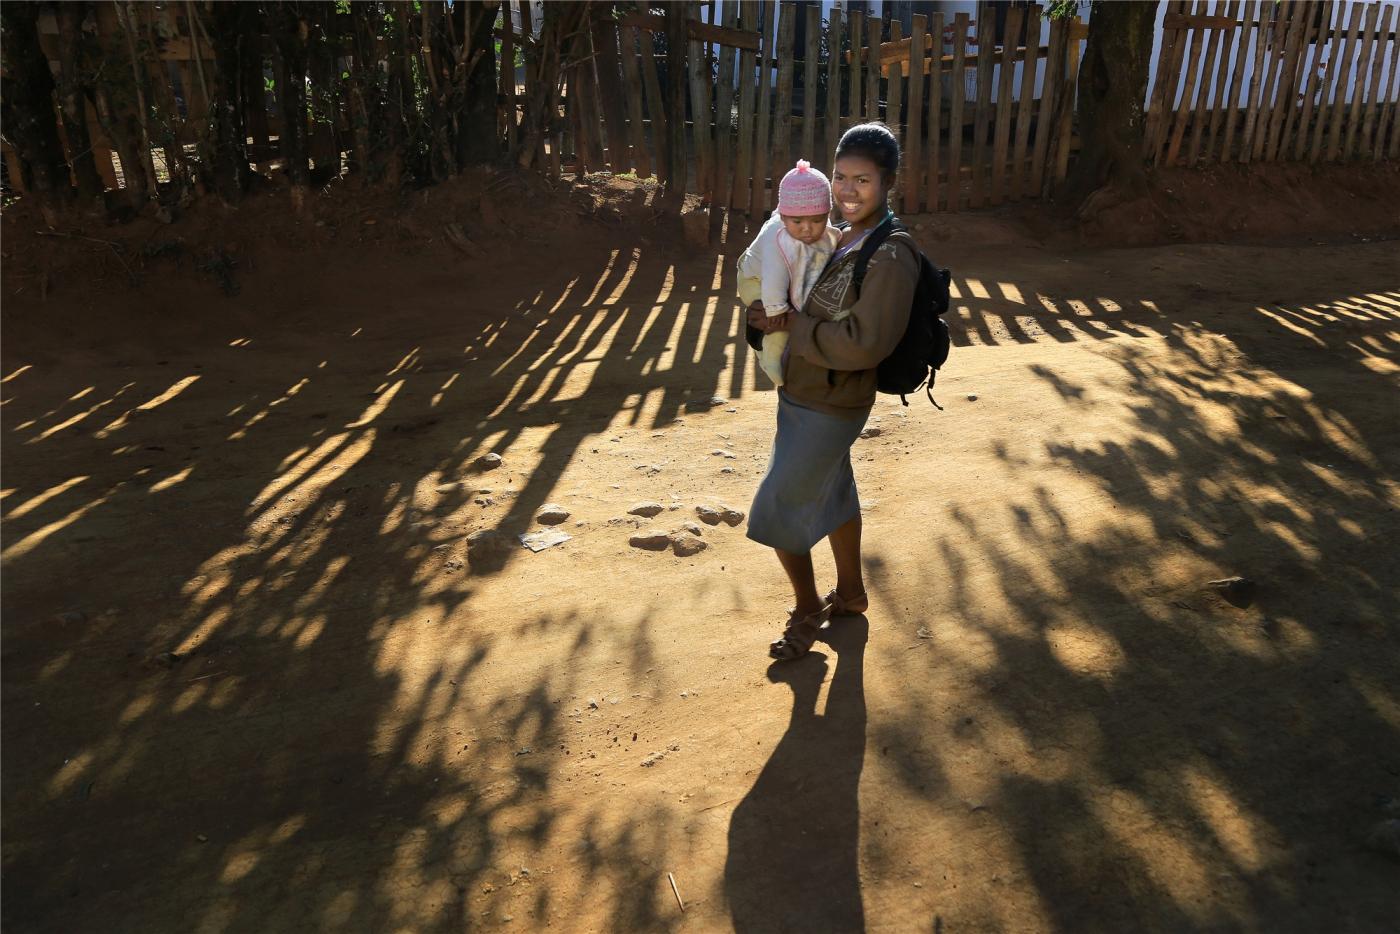 【原创实拍】黑色脸谱  ——行摄南部非洲(人像篇)_图1-21